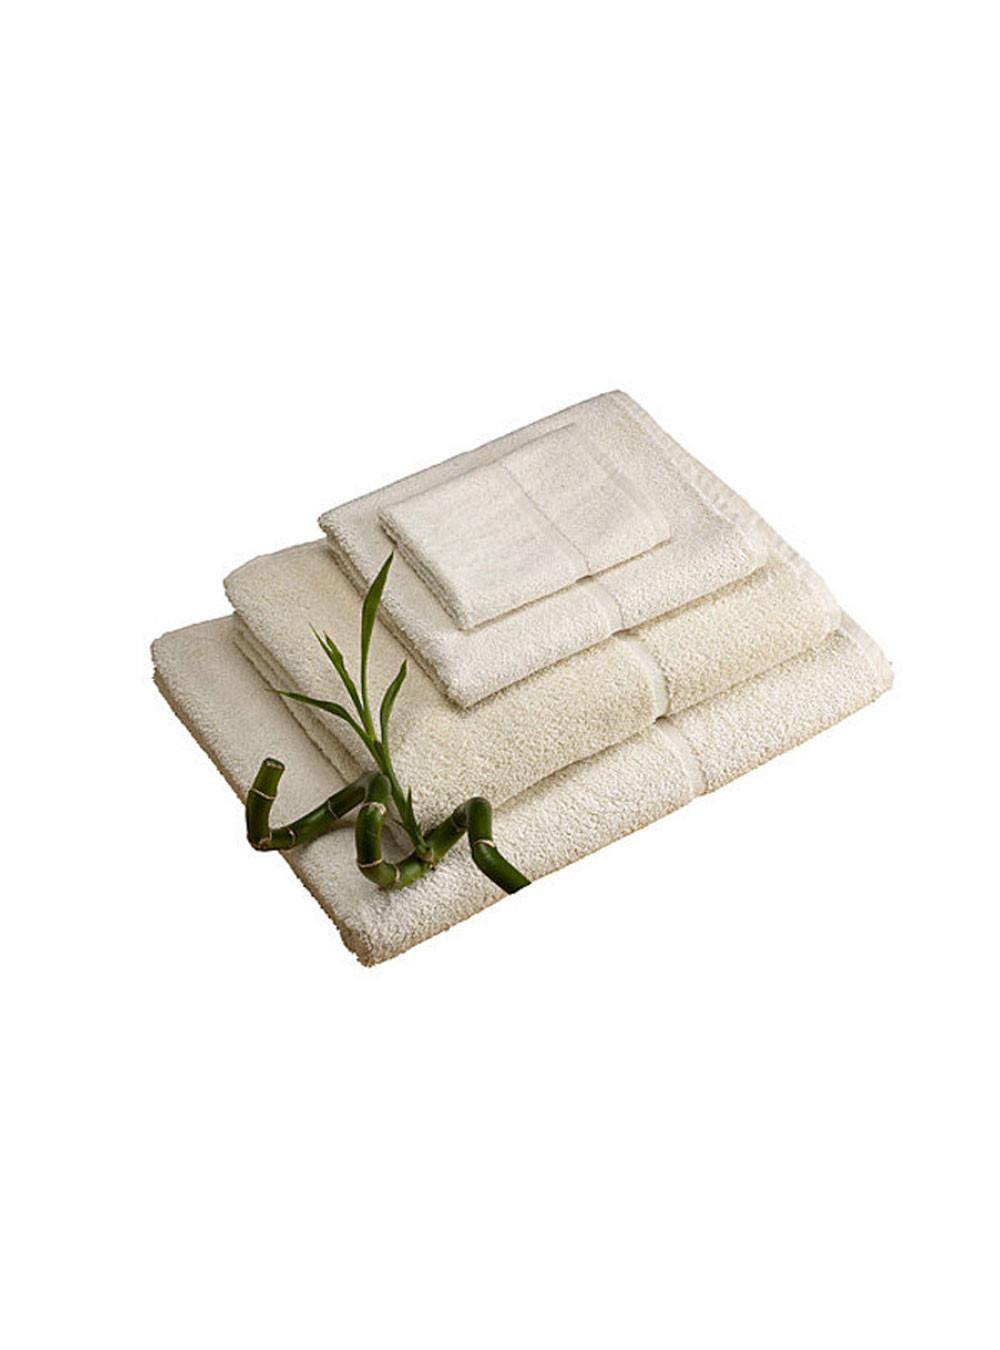 BAMBOO BATH TOWEL – NATURAL